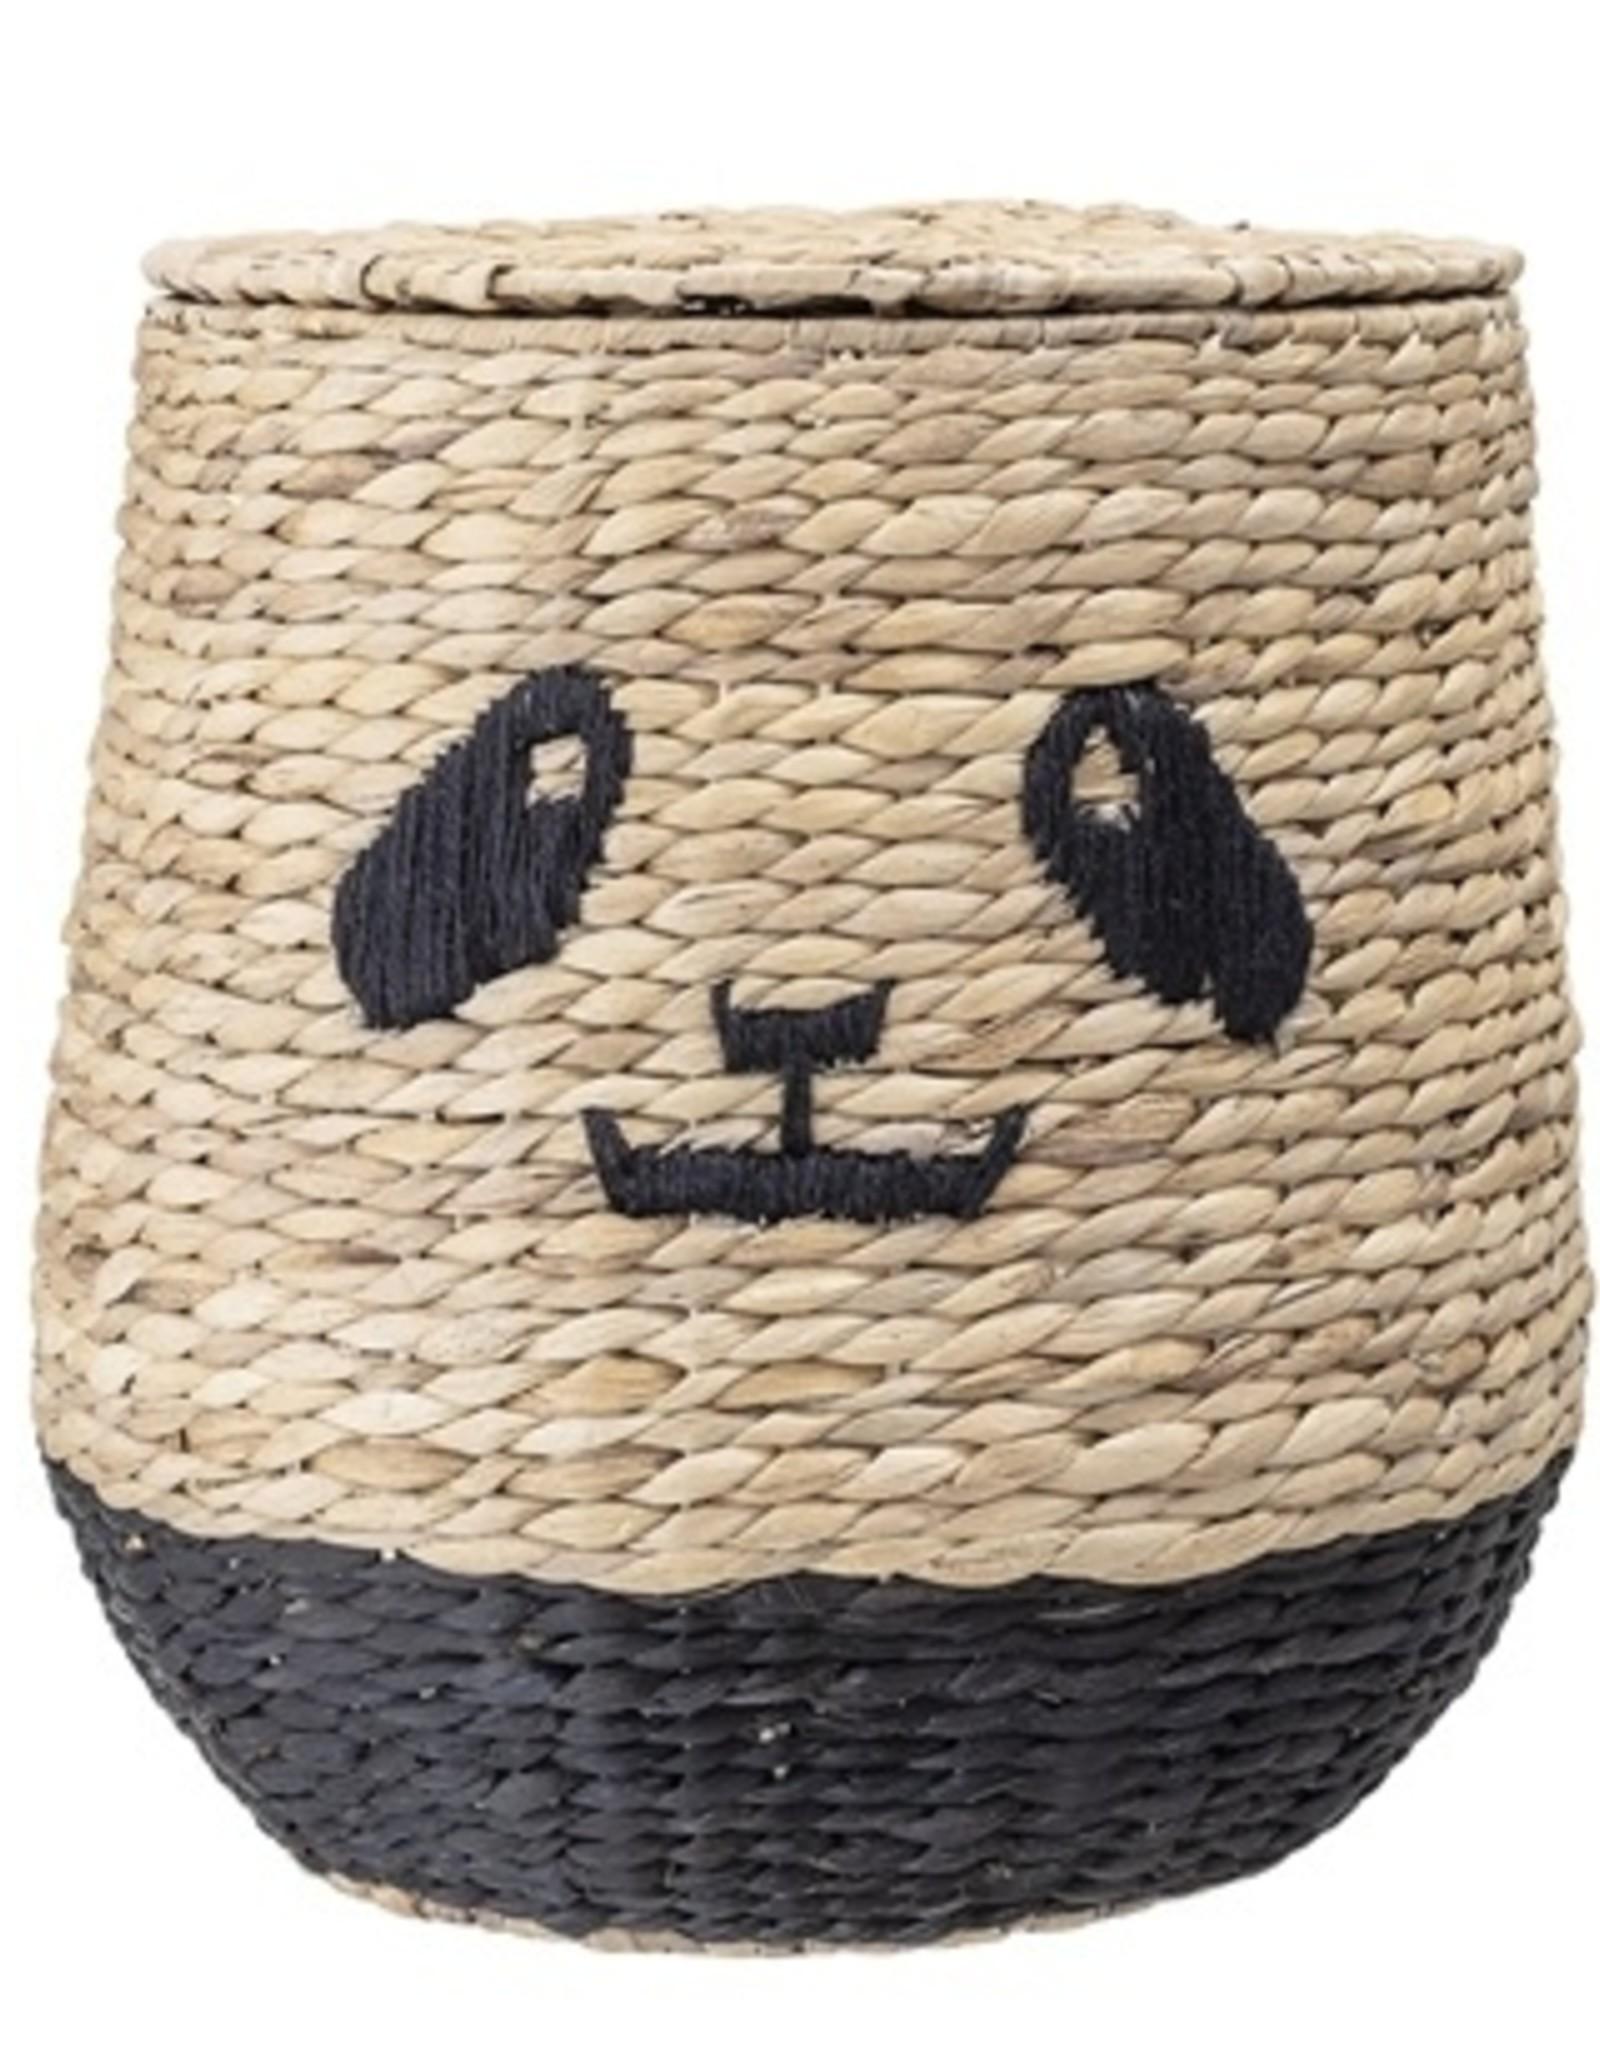 Bloomingville Storage basket with panda